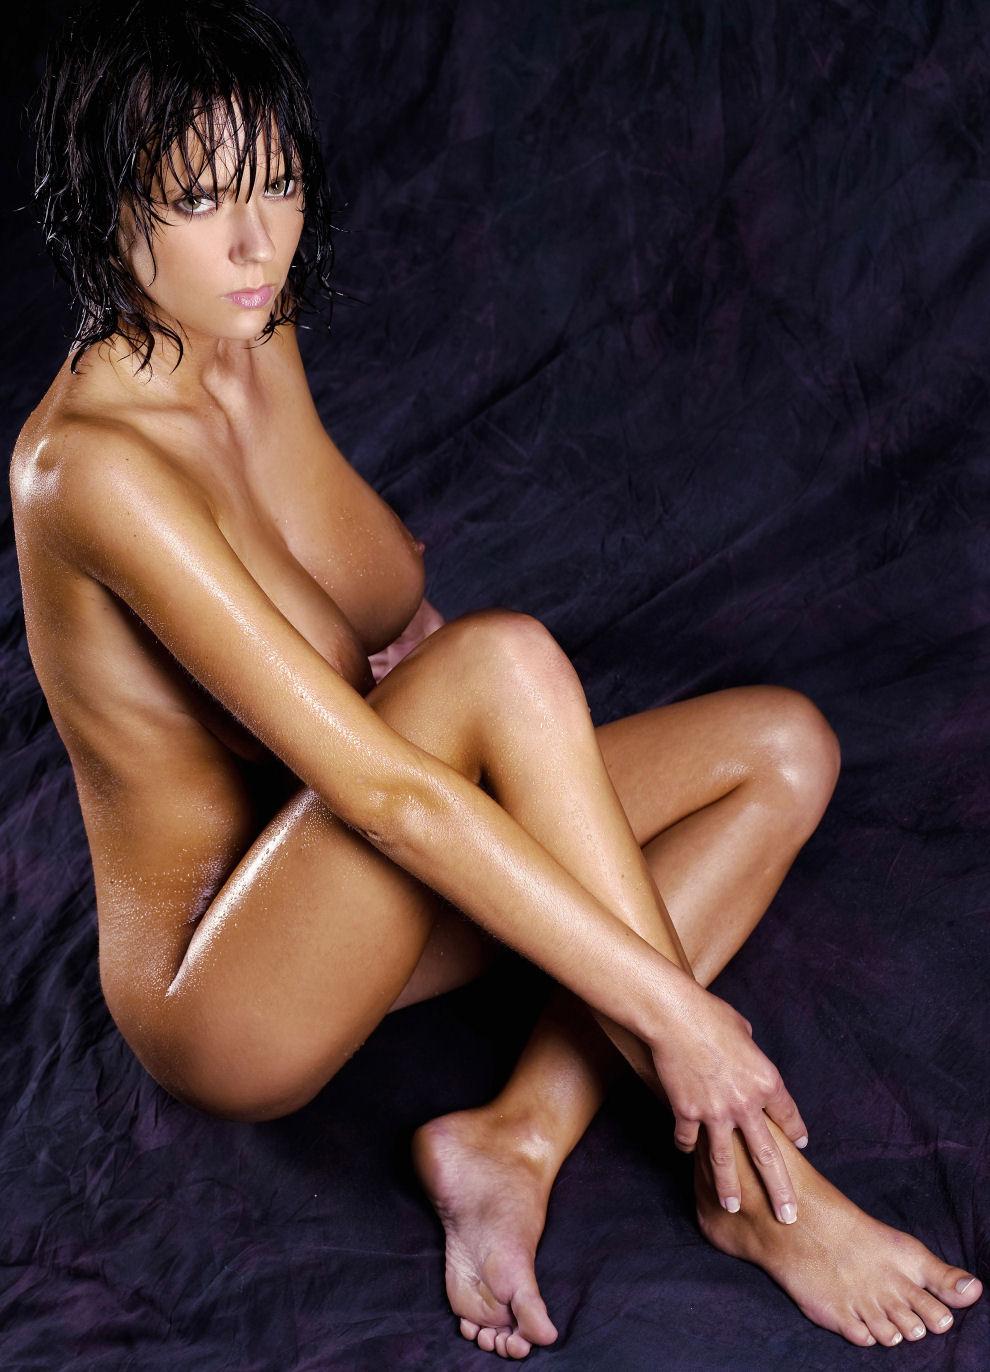 Потрясающая девушка мастурб 25 фотография